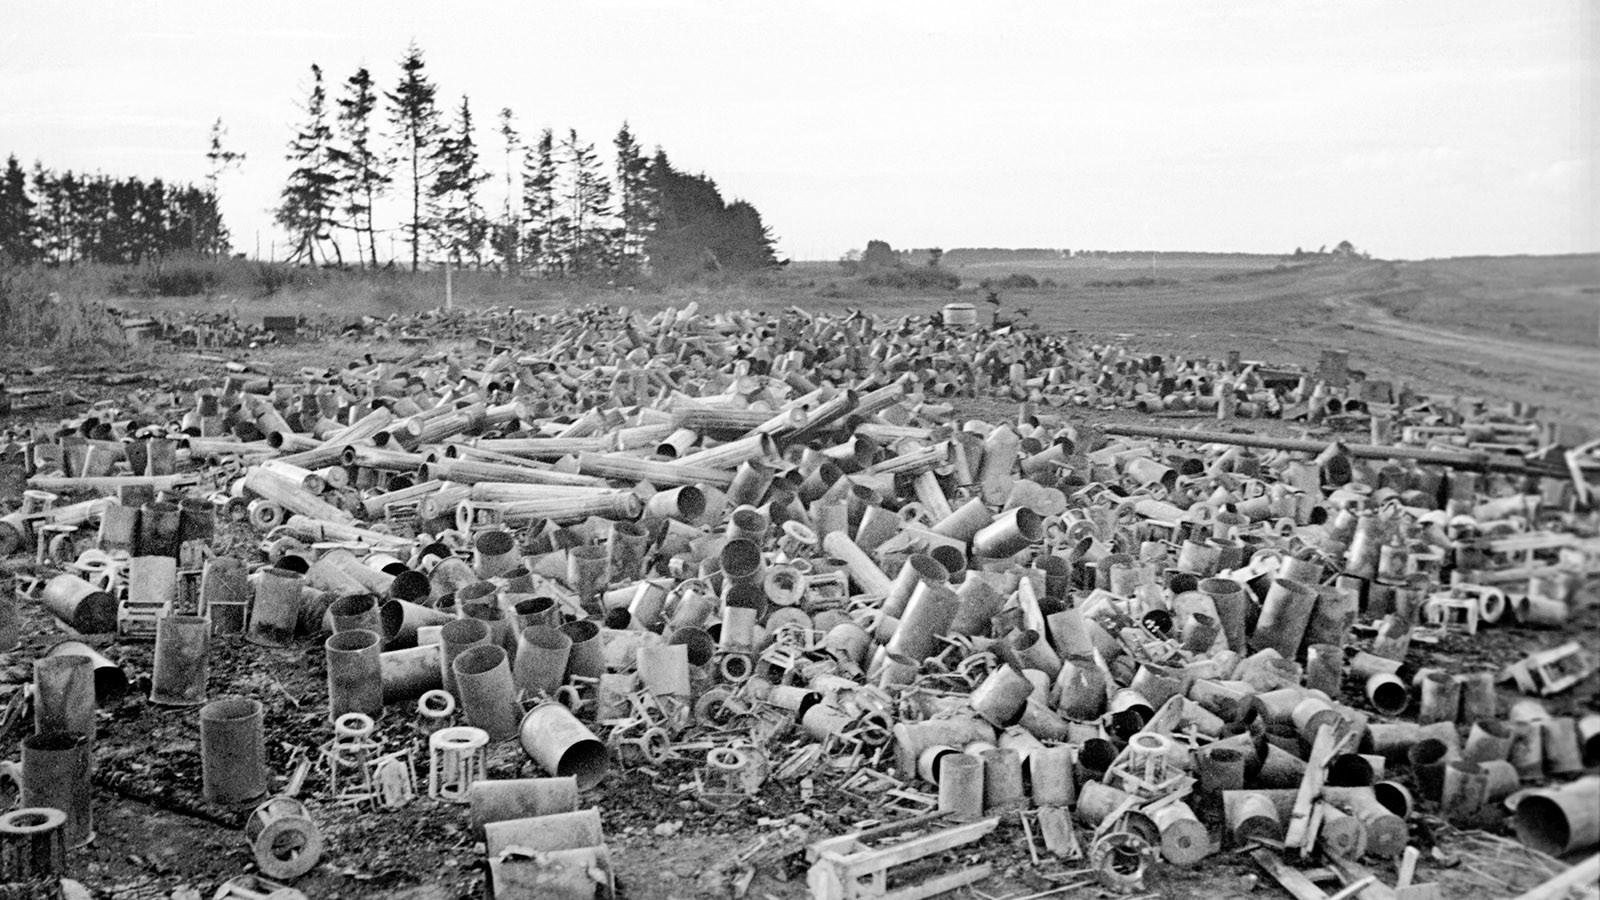 Кучи артиллерийских гильз во время боёв на Курской дуге. Фото: © Военный альбом